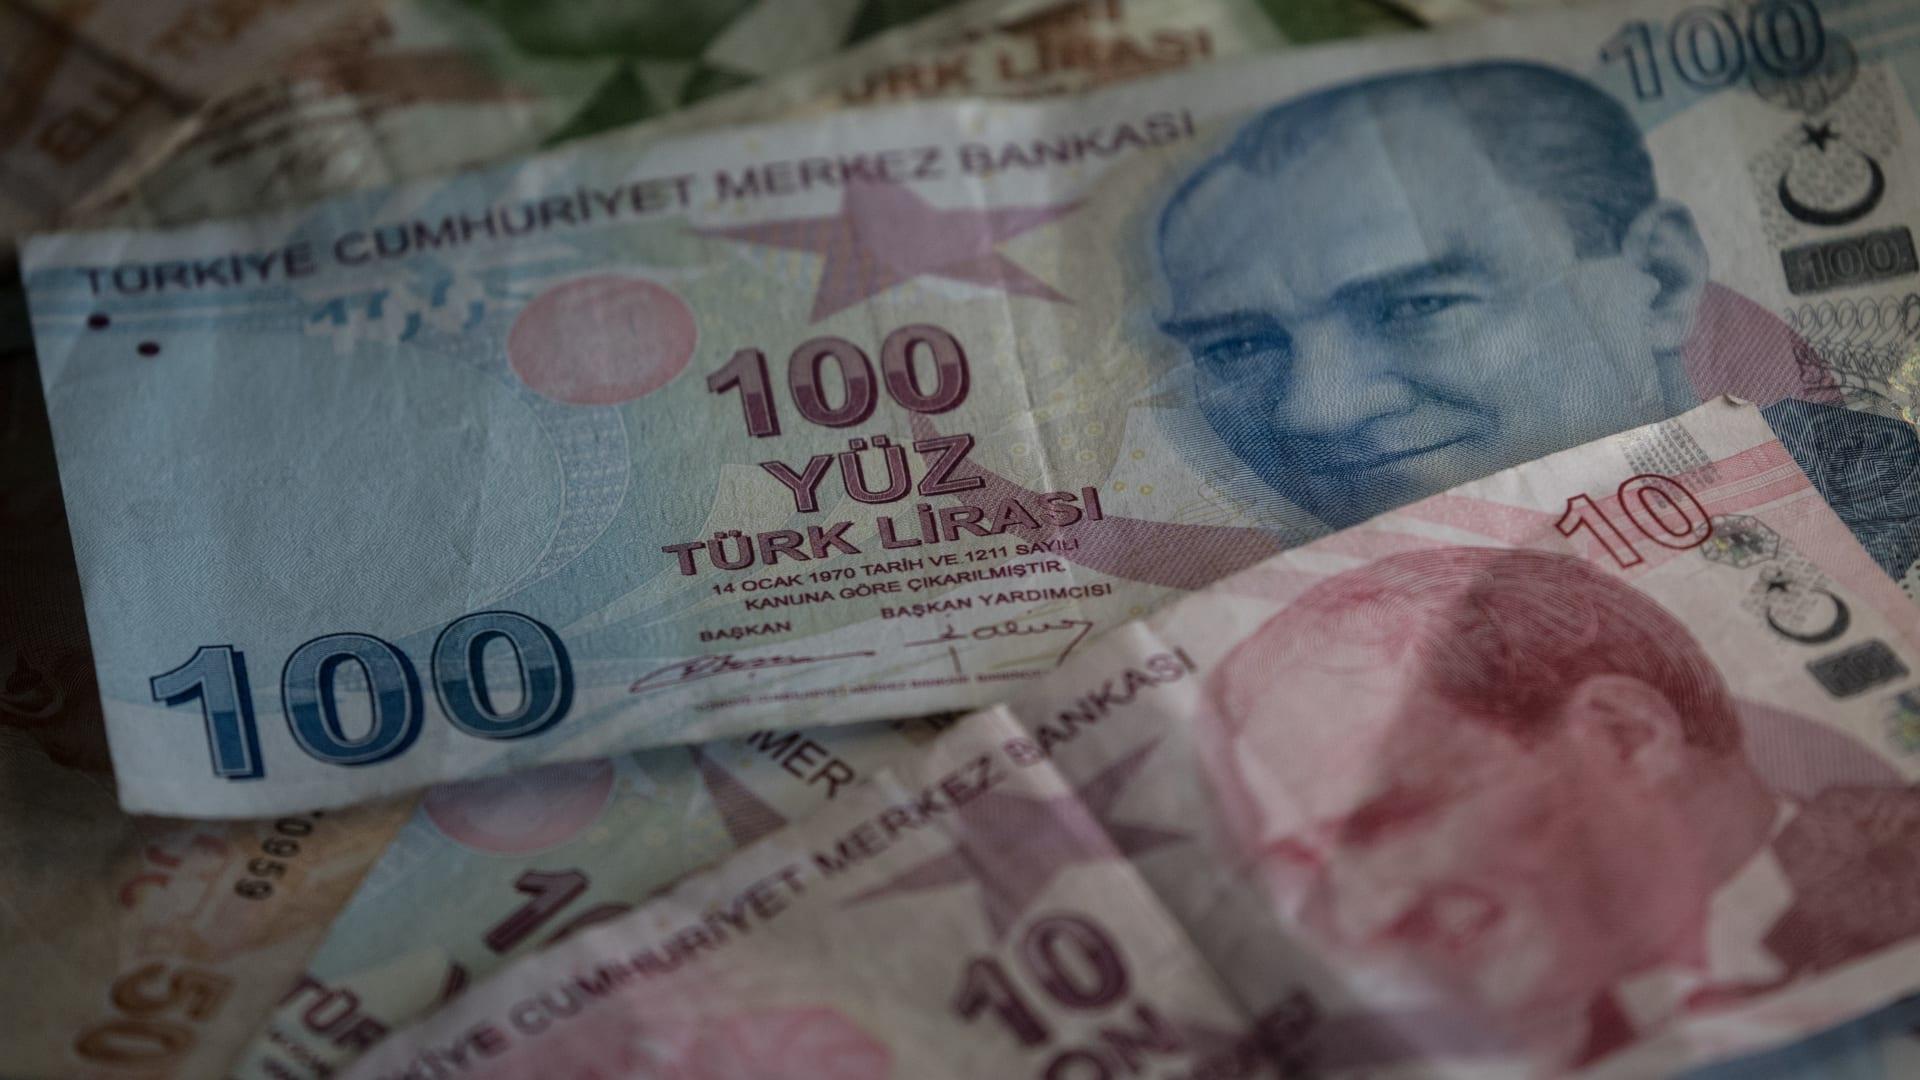 الليرة التركية في مواجهة جديدة مع الدولار الأمريكي